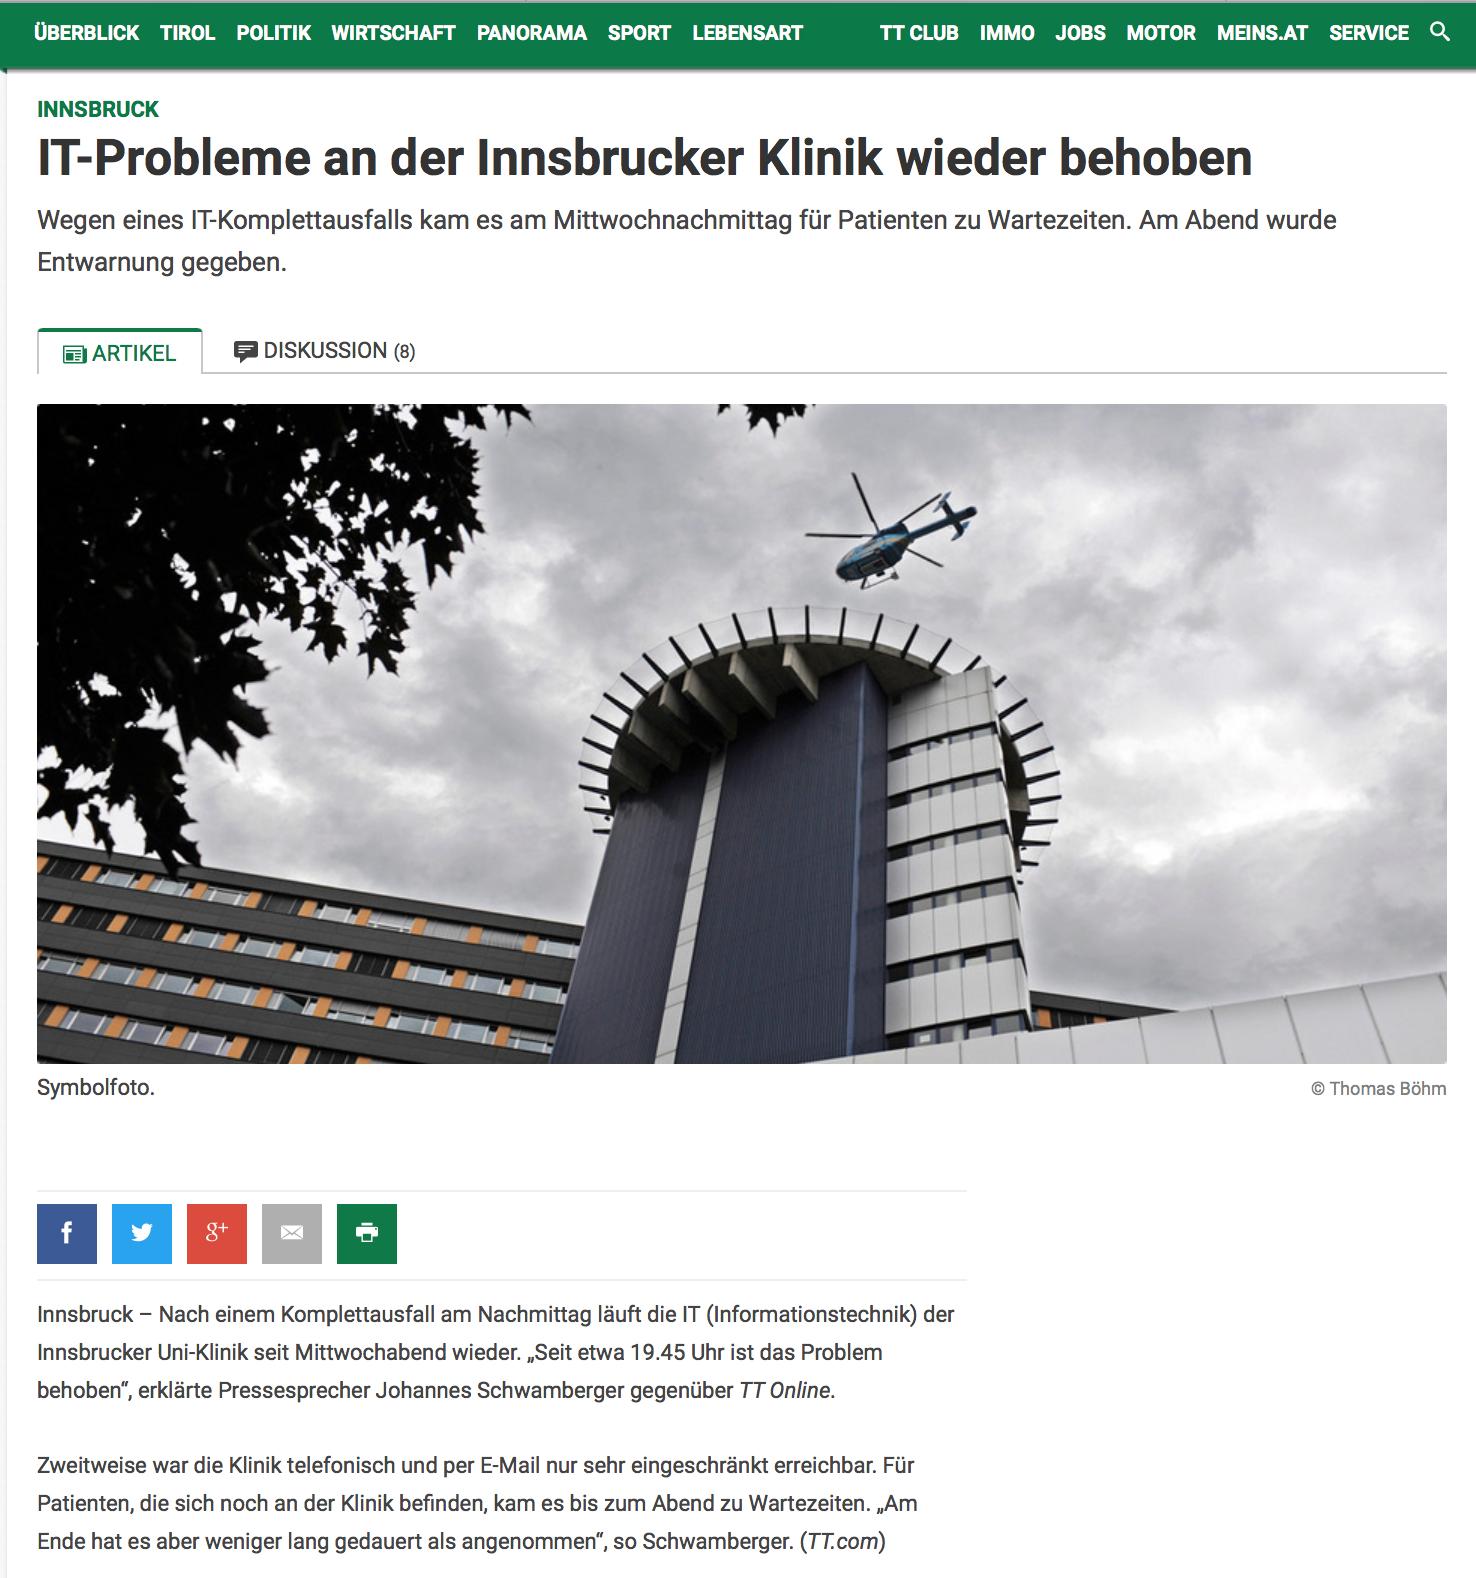 Jedes Tiroler Unternehmen kann betroffen sein